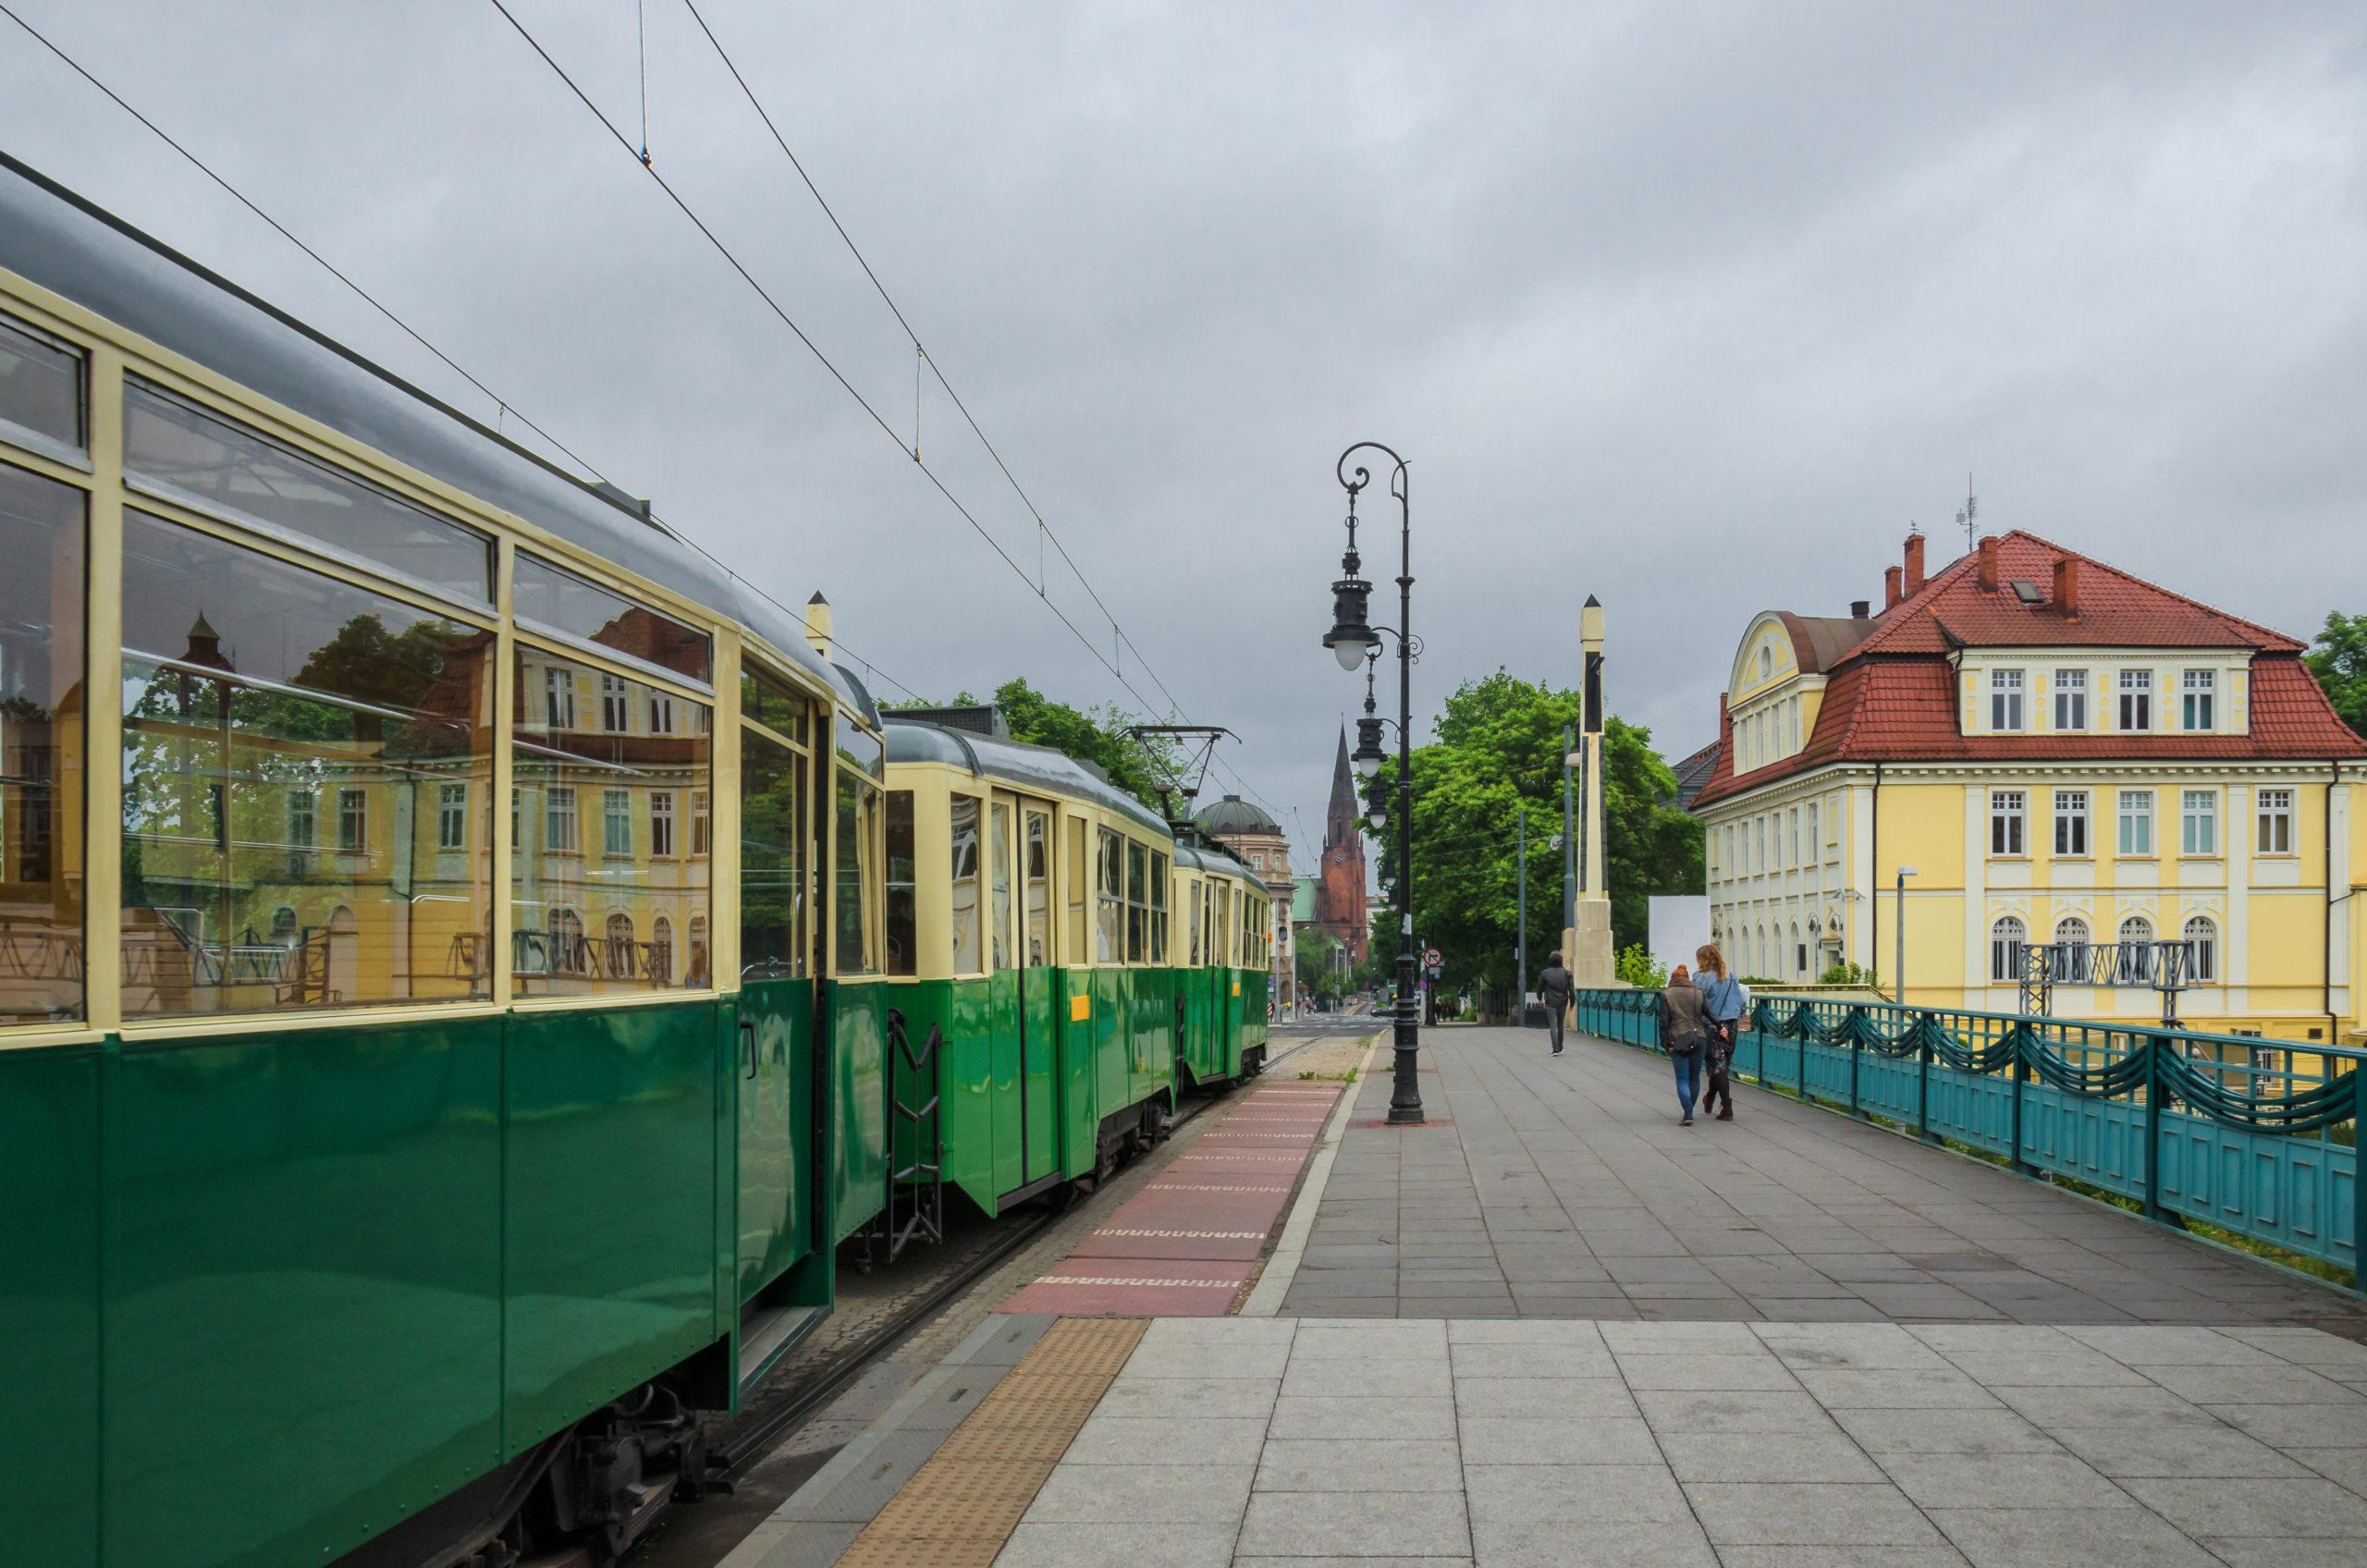 Przejazd zabytkowym tramwajem